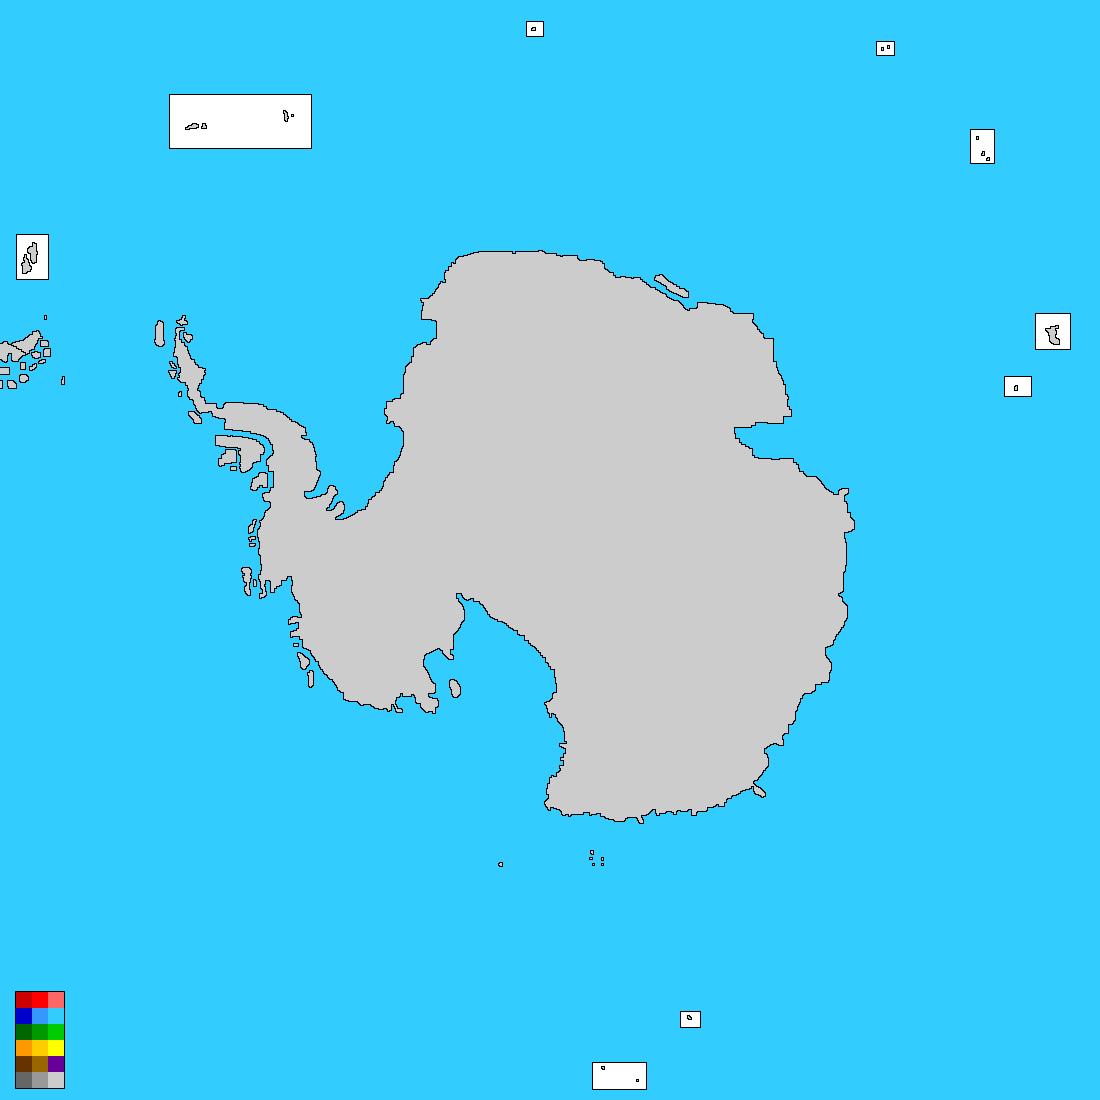 antarcticat